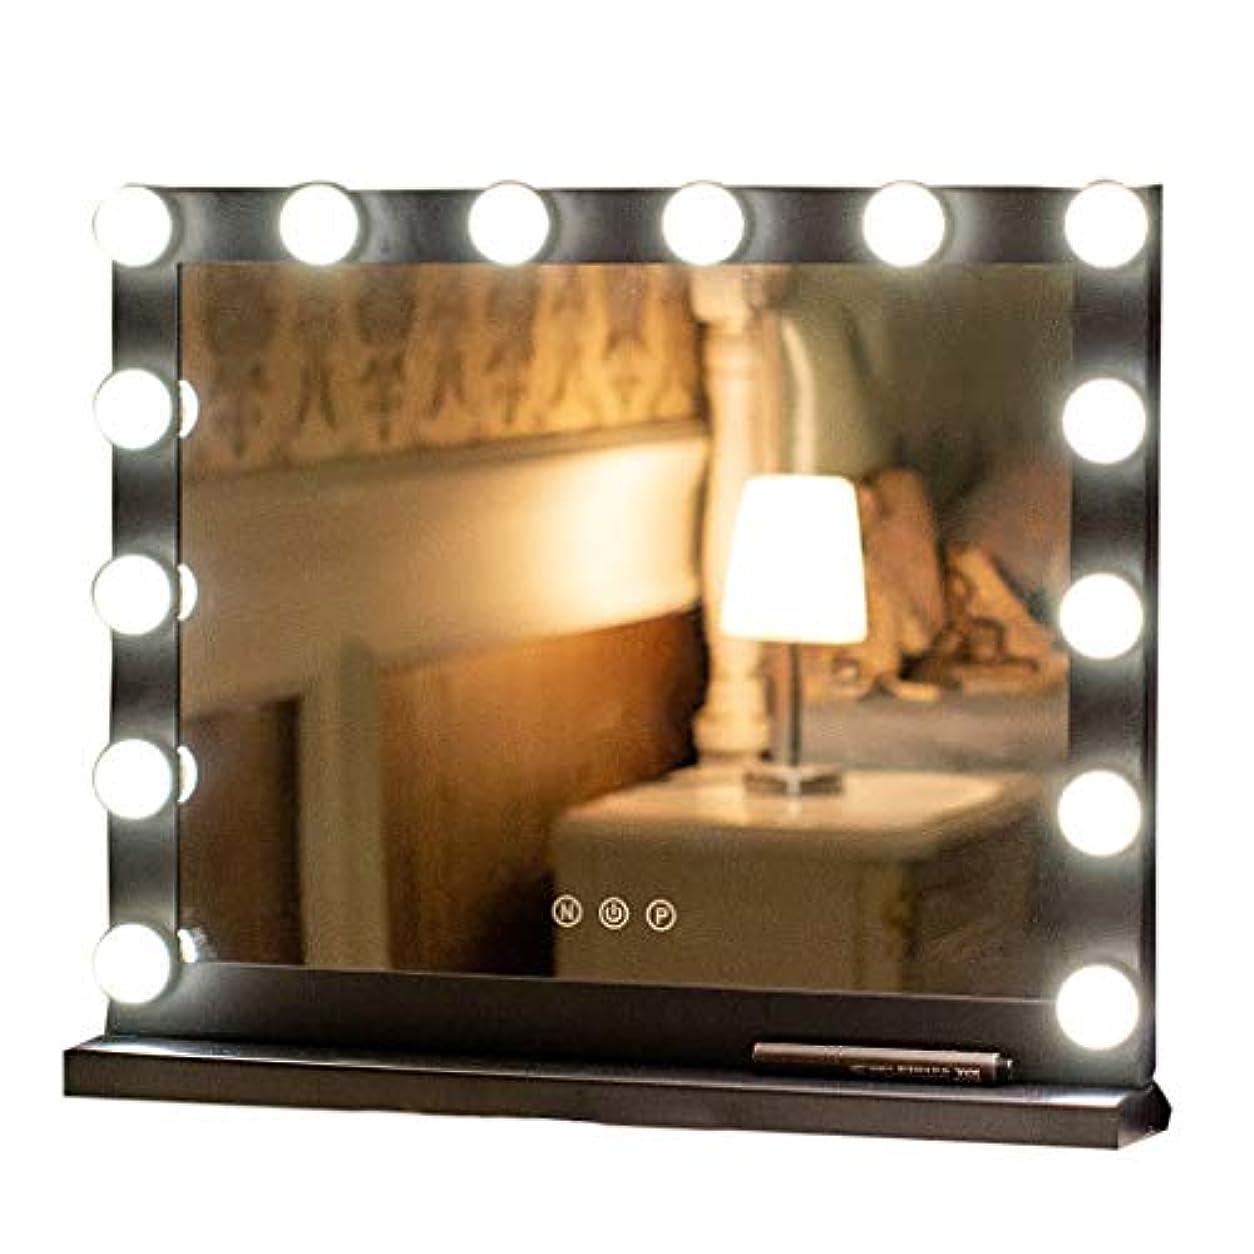 憧れ死箱明るいデスクトップの大きなメイクアップミラーHDの洗面化粧鏡のライトホームハリウッドスタイルのミラーキットバスルームの化粧テーブルミラー調光ライトセット